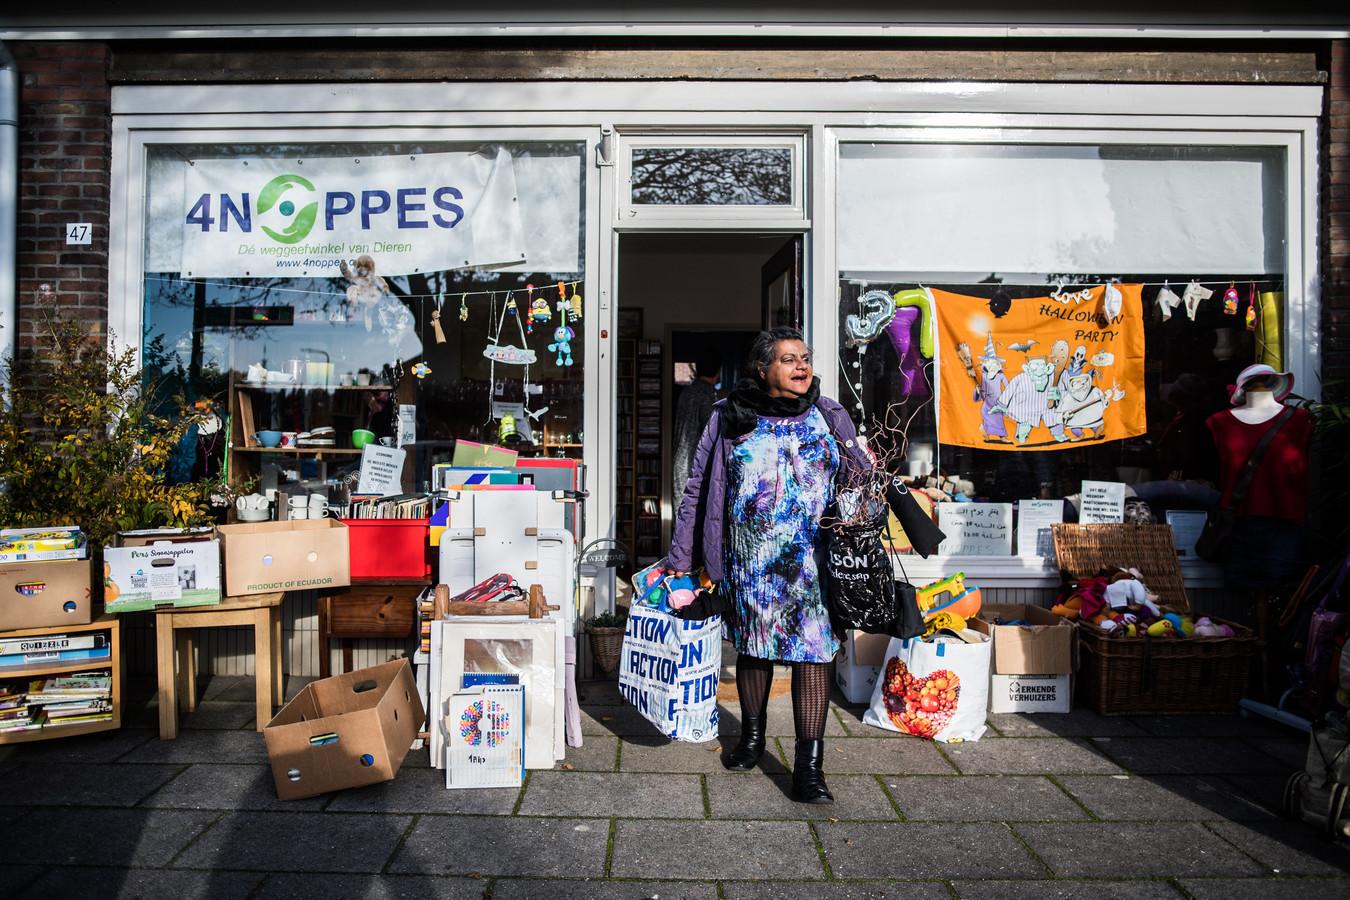 Een bezoekster verlaat met volle tassen weggeefwinkel 4Noppes in Dieren.